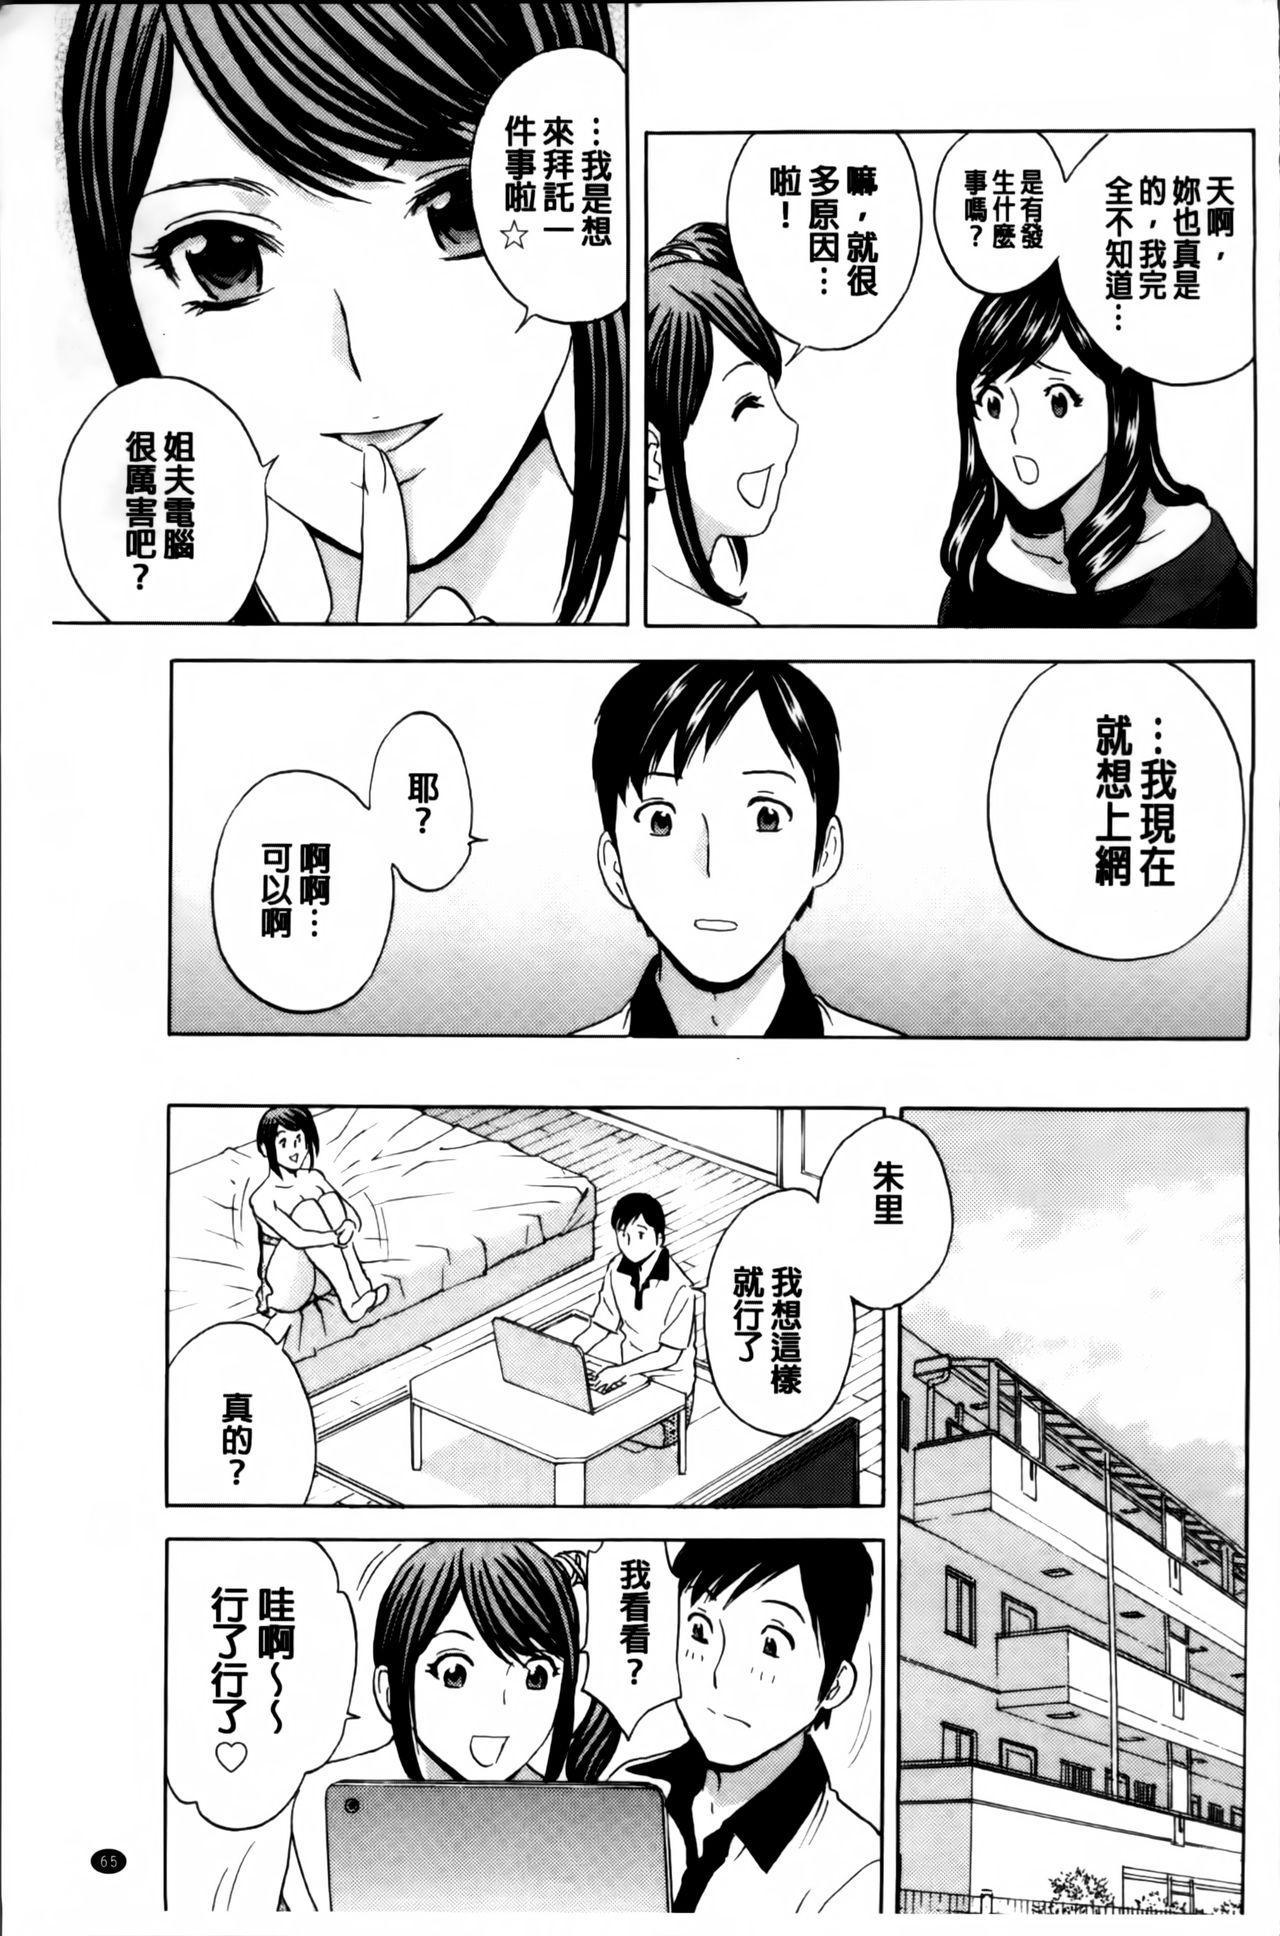 Midara Shimai Asobi 73